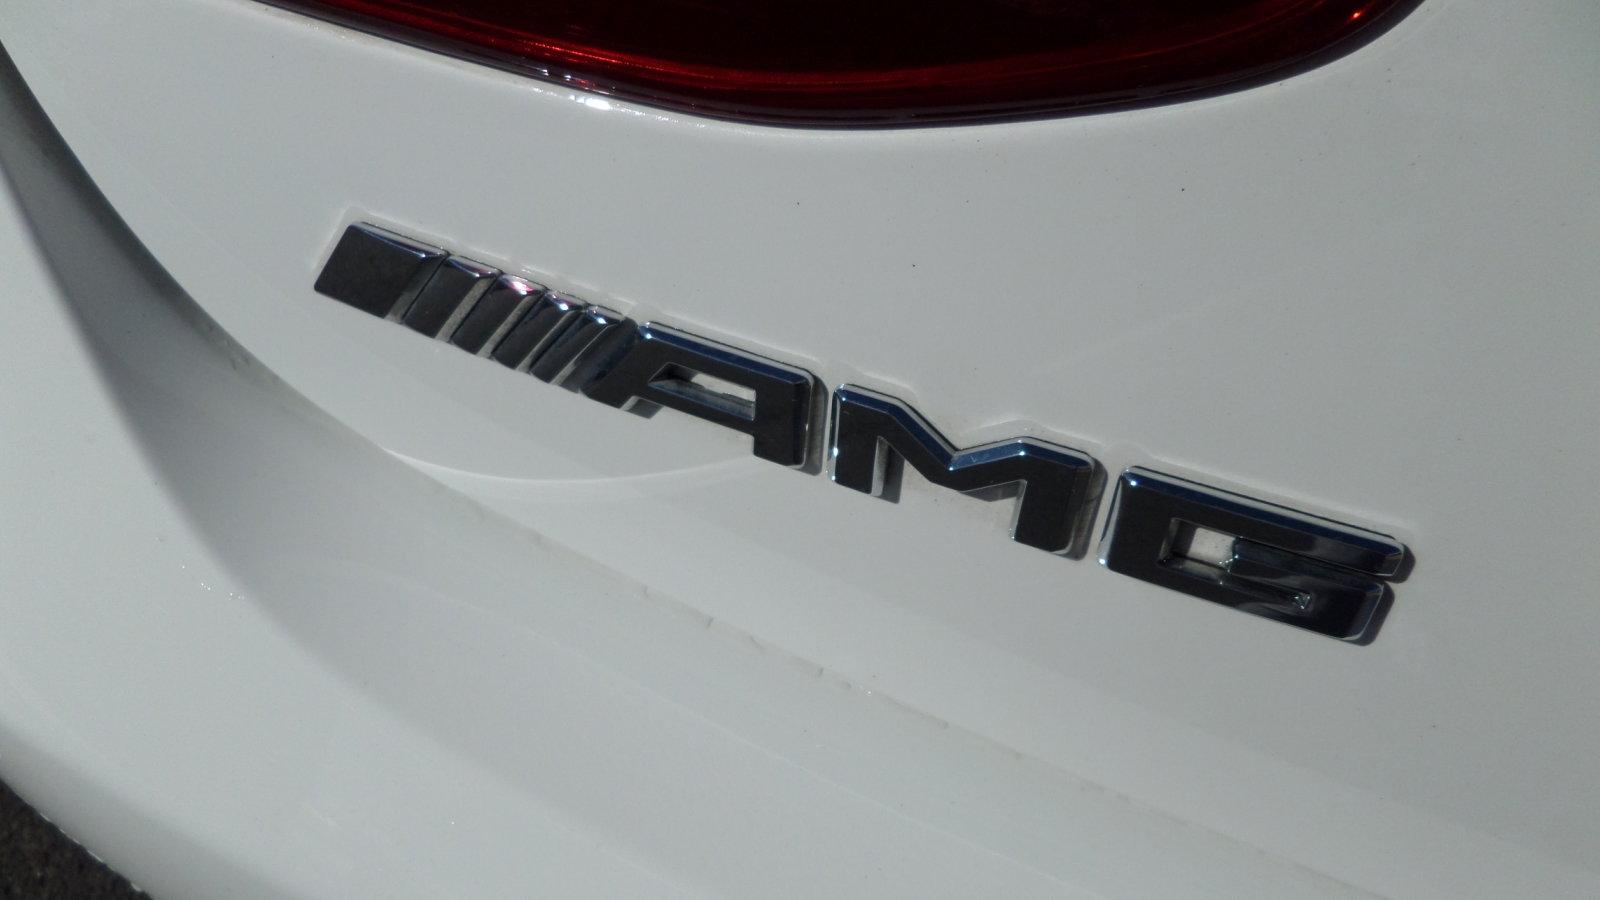 2019 Mercedes E53 AMG: A Closer Look